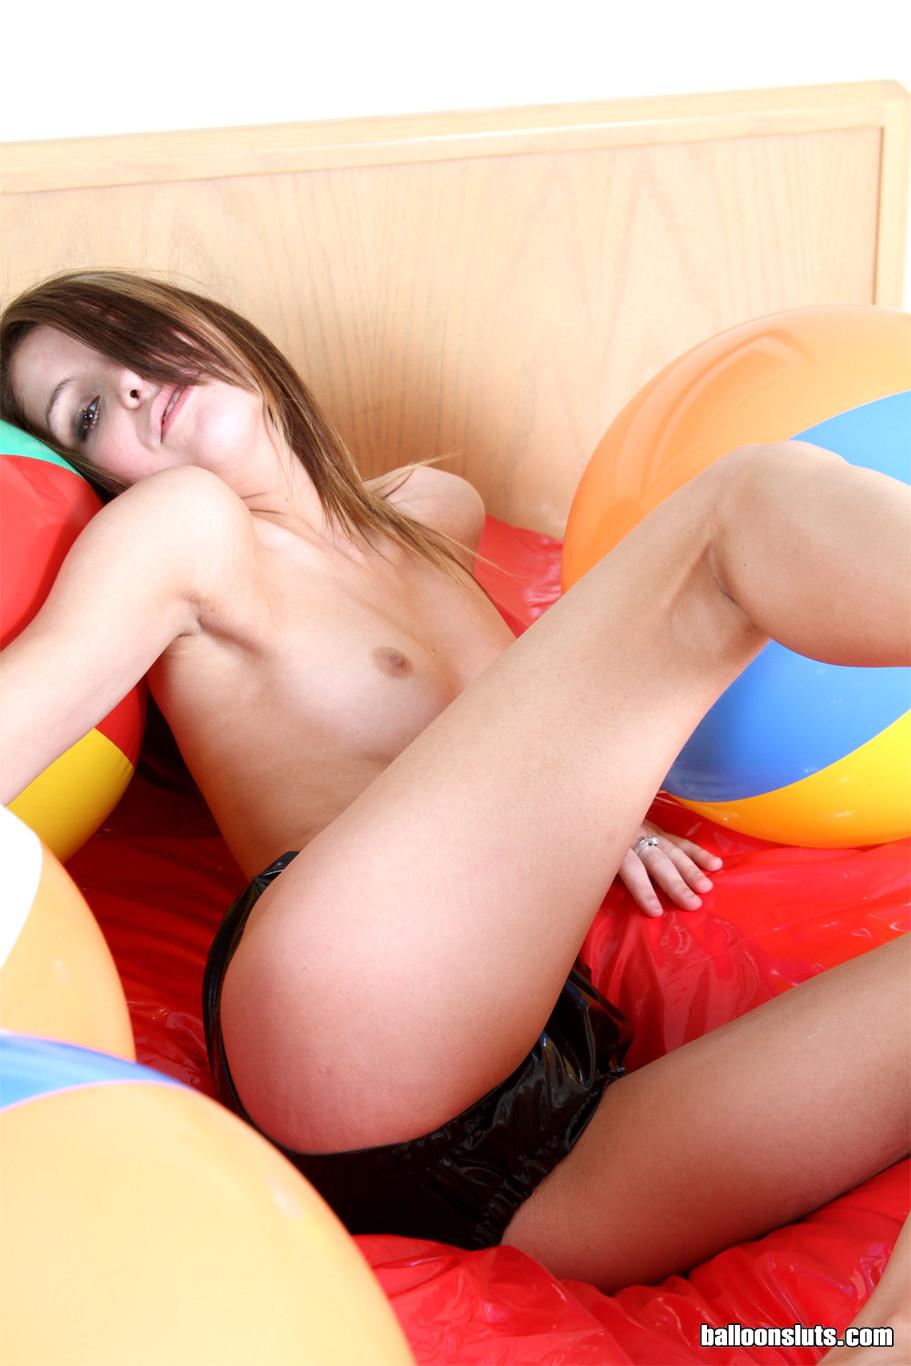 Balloonsluts